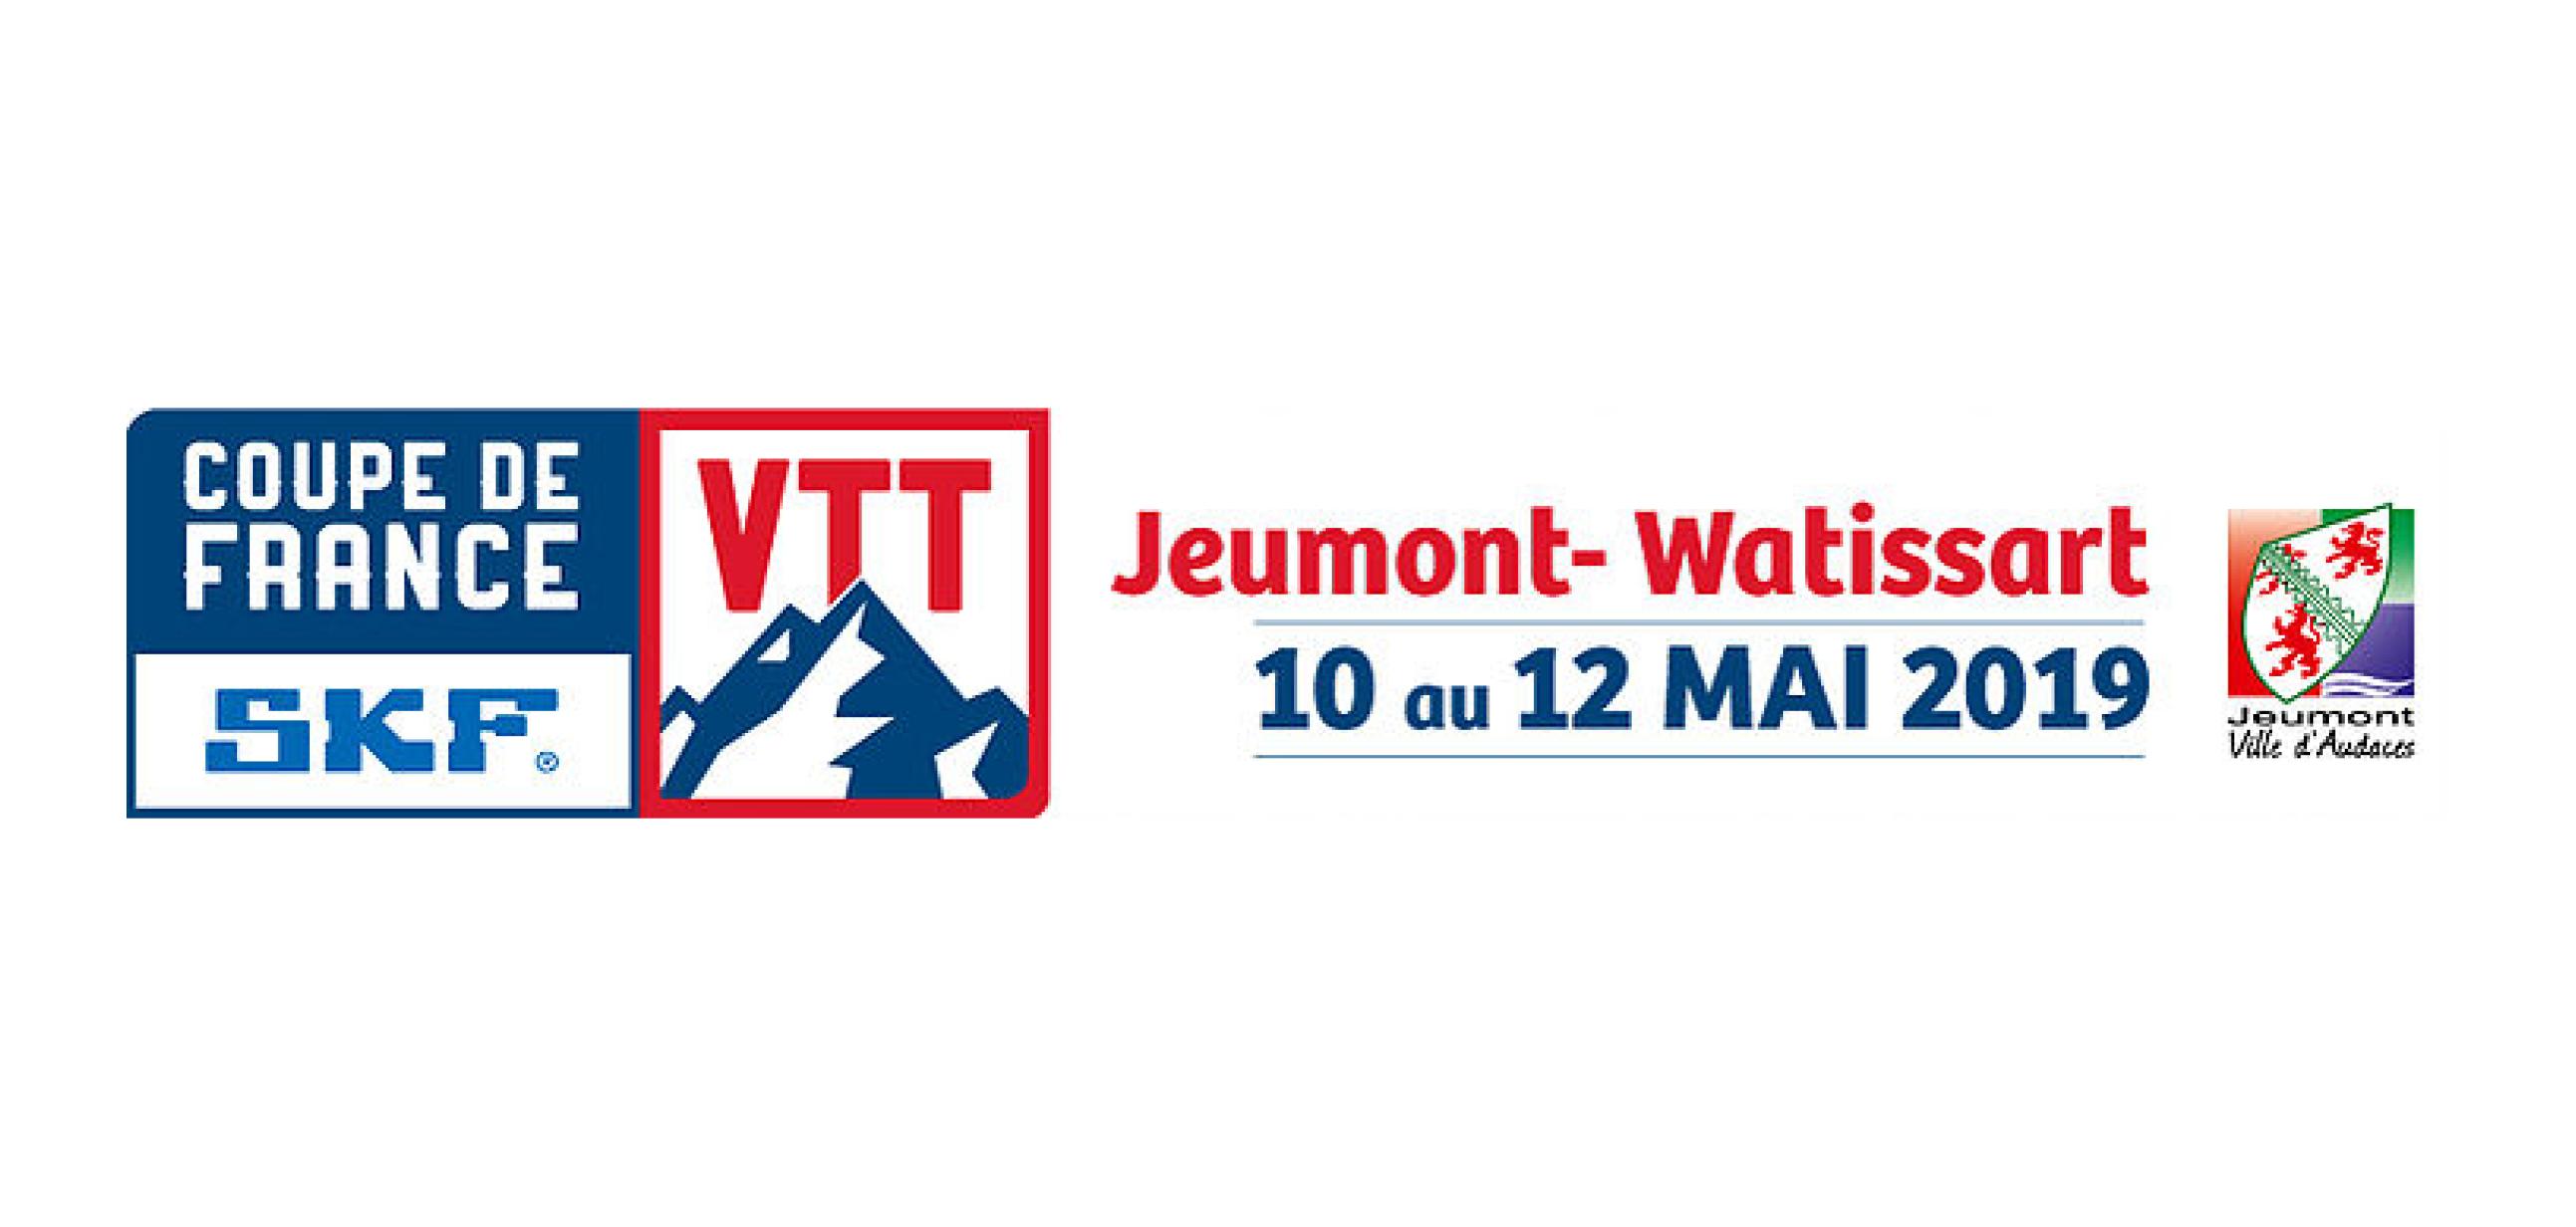 Jeumont accueille la coupe de France de VTT du 10 au 12 mai 2019